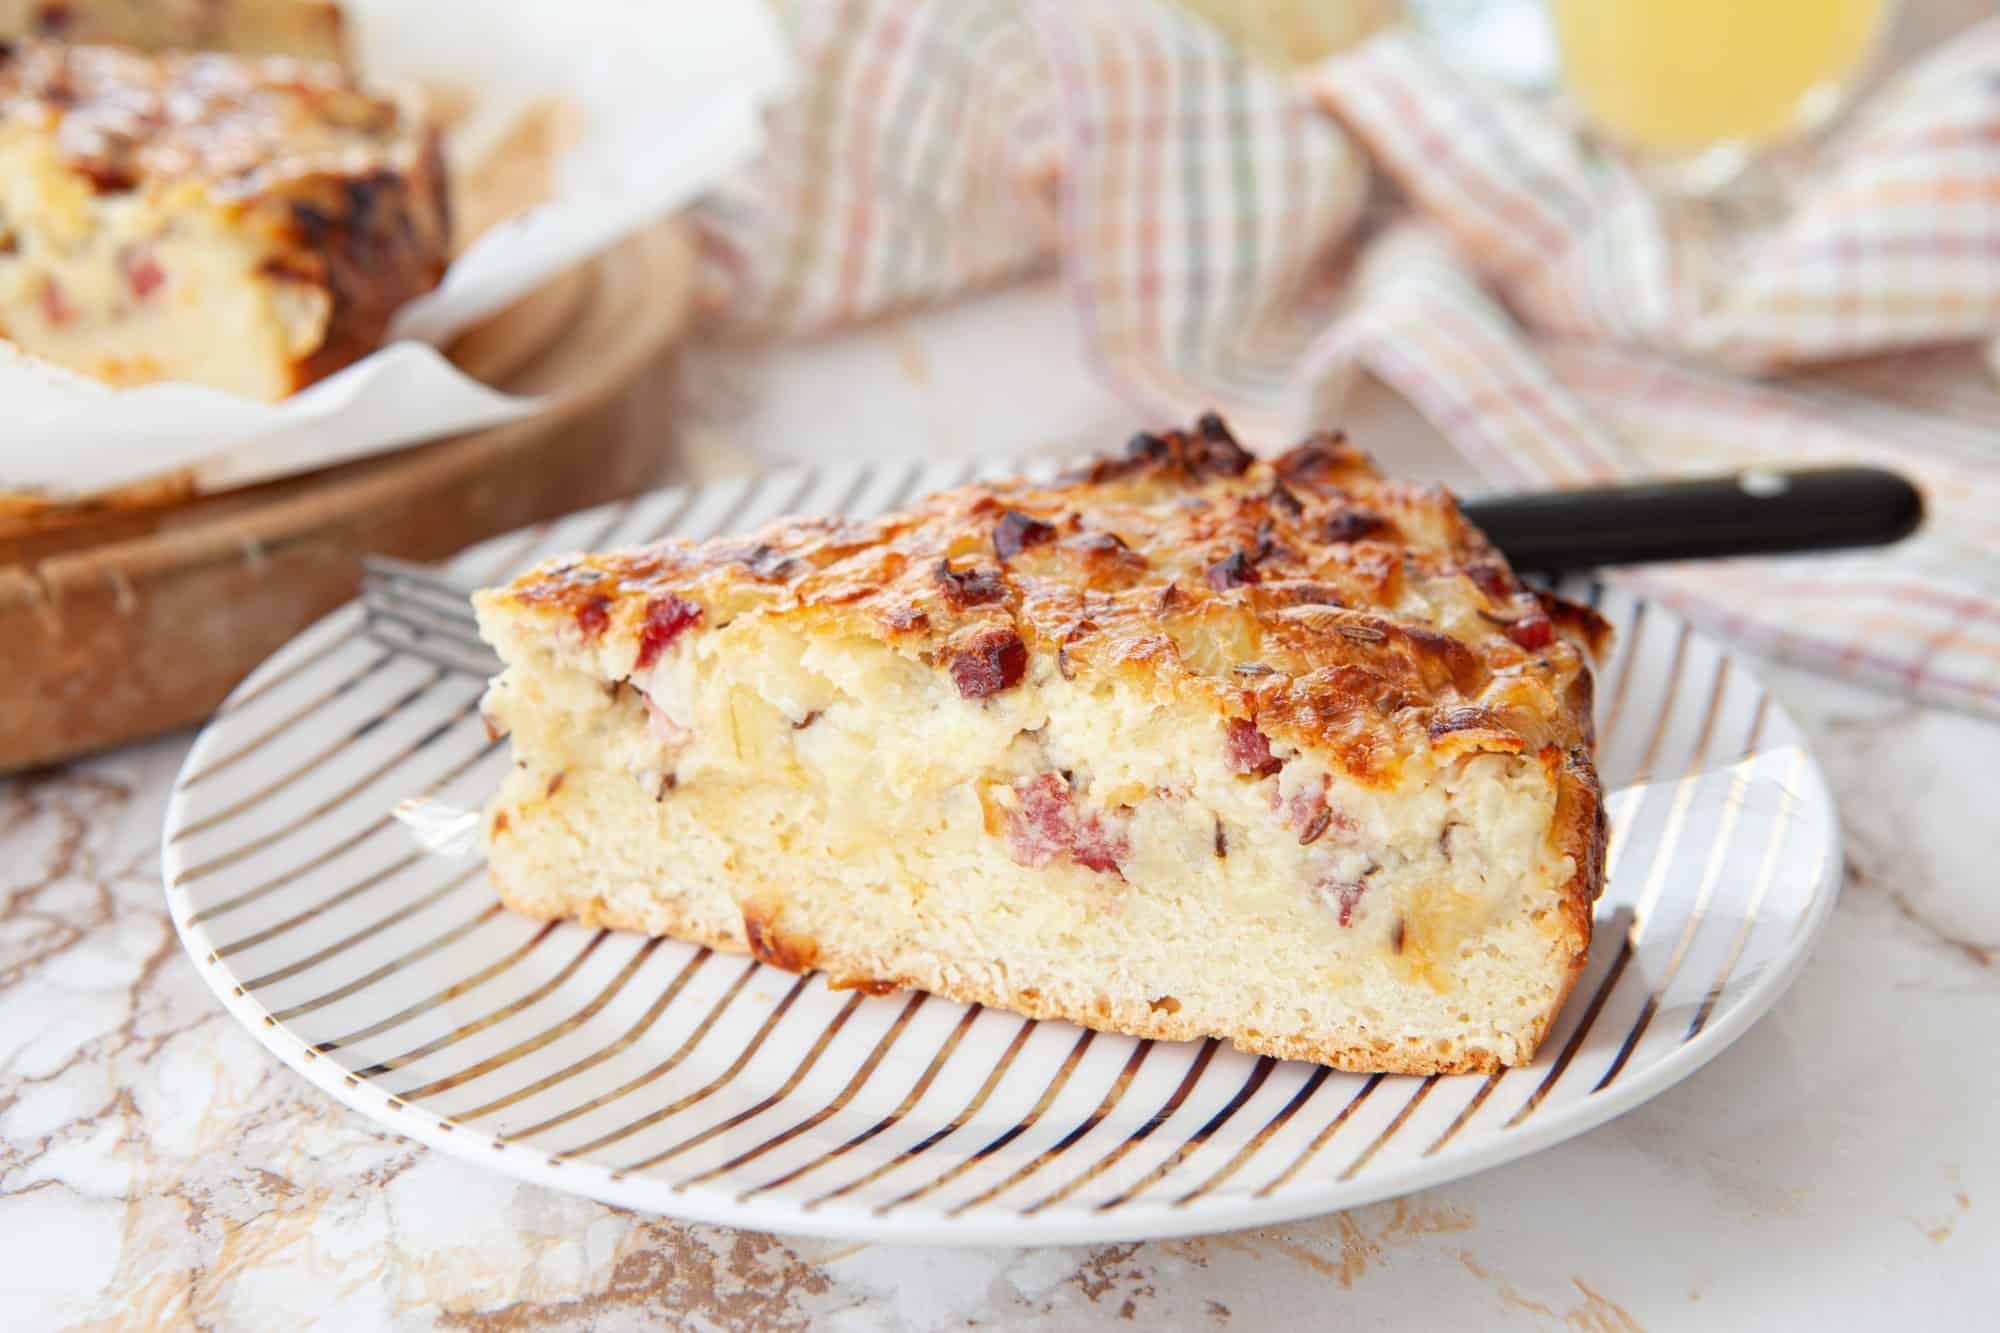 Savoury onion cake